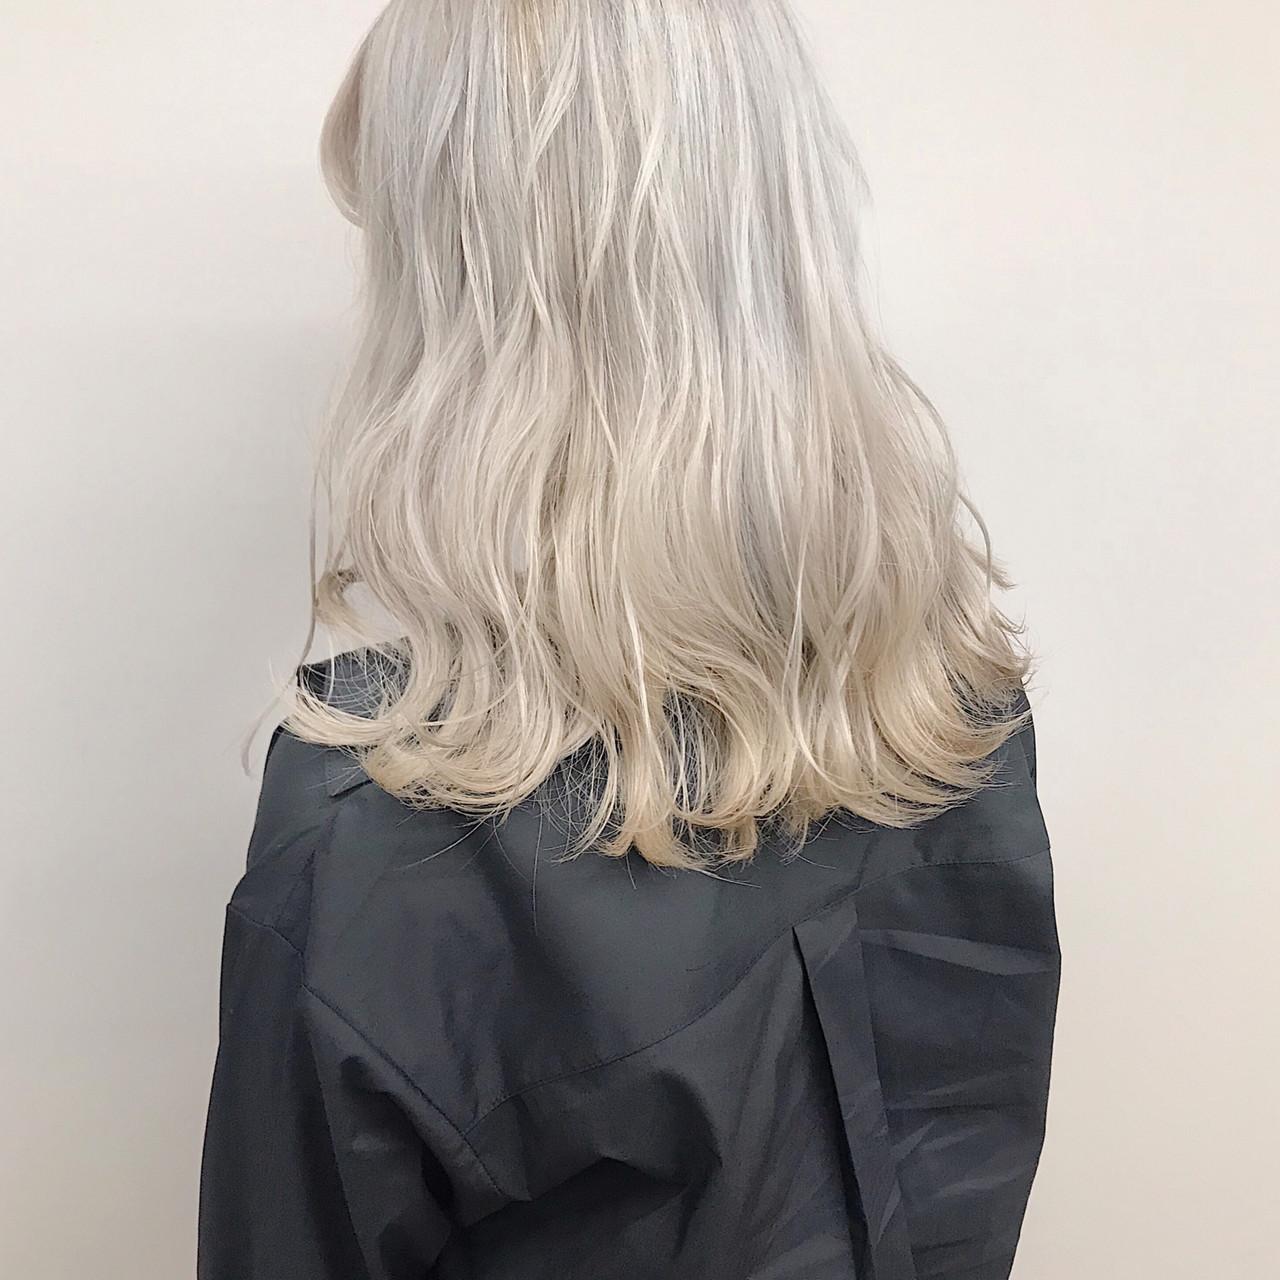 ホワイトカラー ストリート ハイトーンカラー ダブルカラー ヘアスタイルや髪型の写真・画像